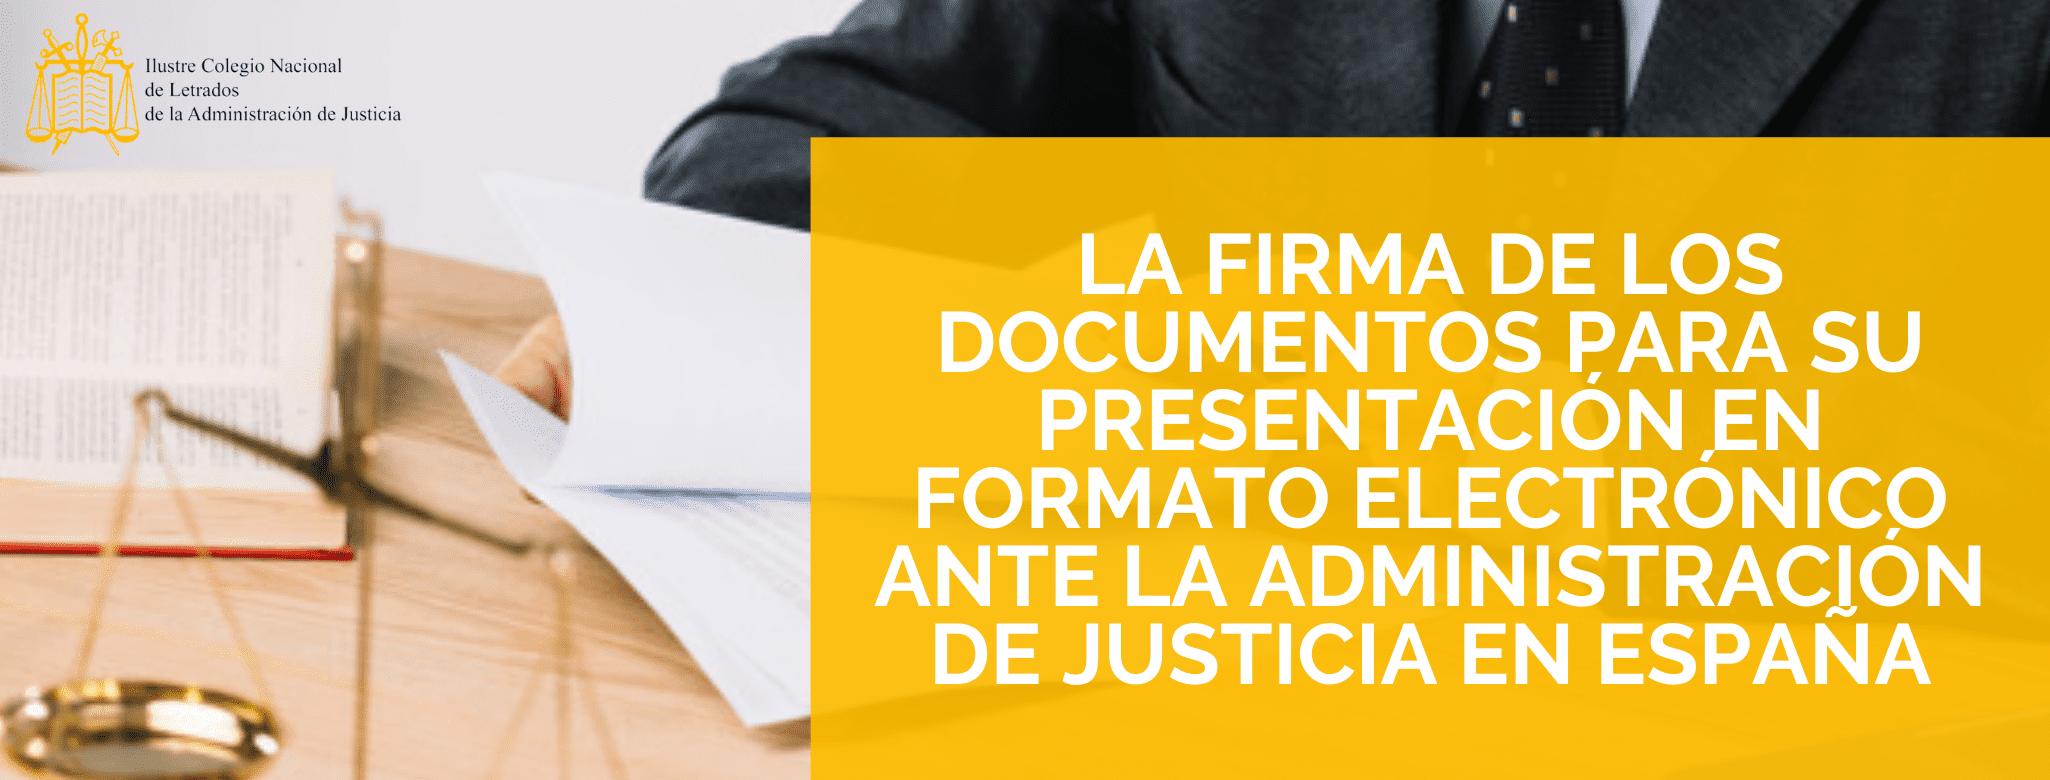 La firma de los documentos para su presentación en formato electrónico ante la Administración de Justicia en España